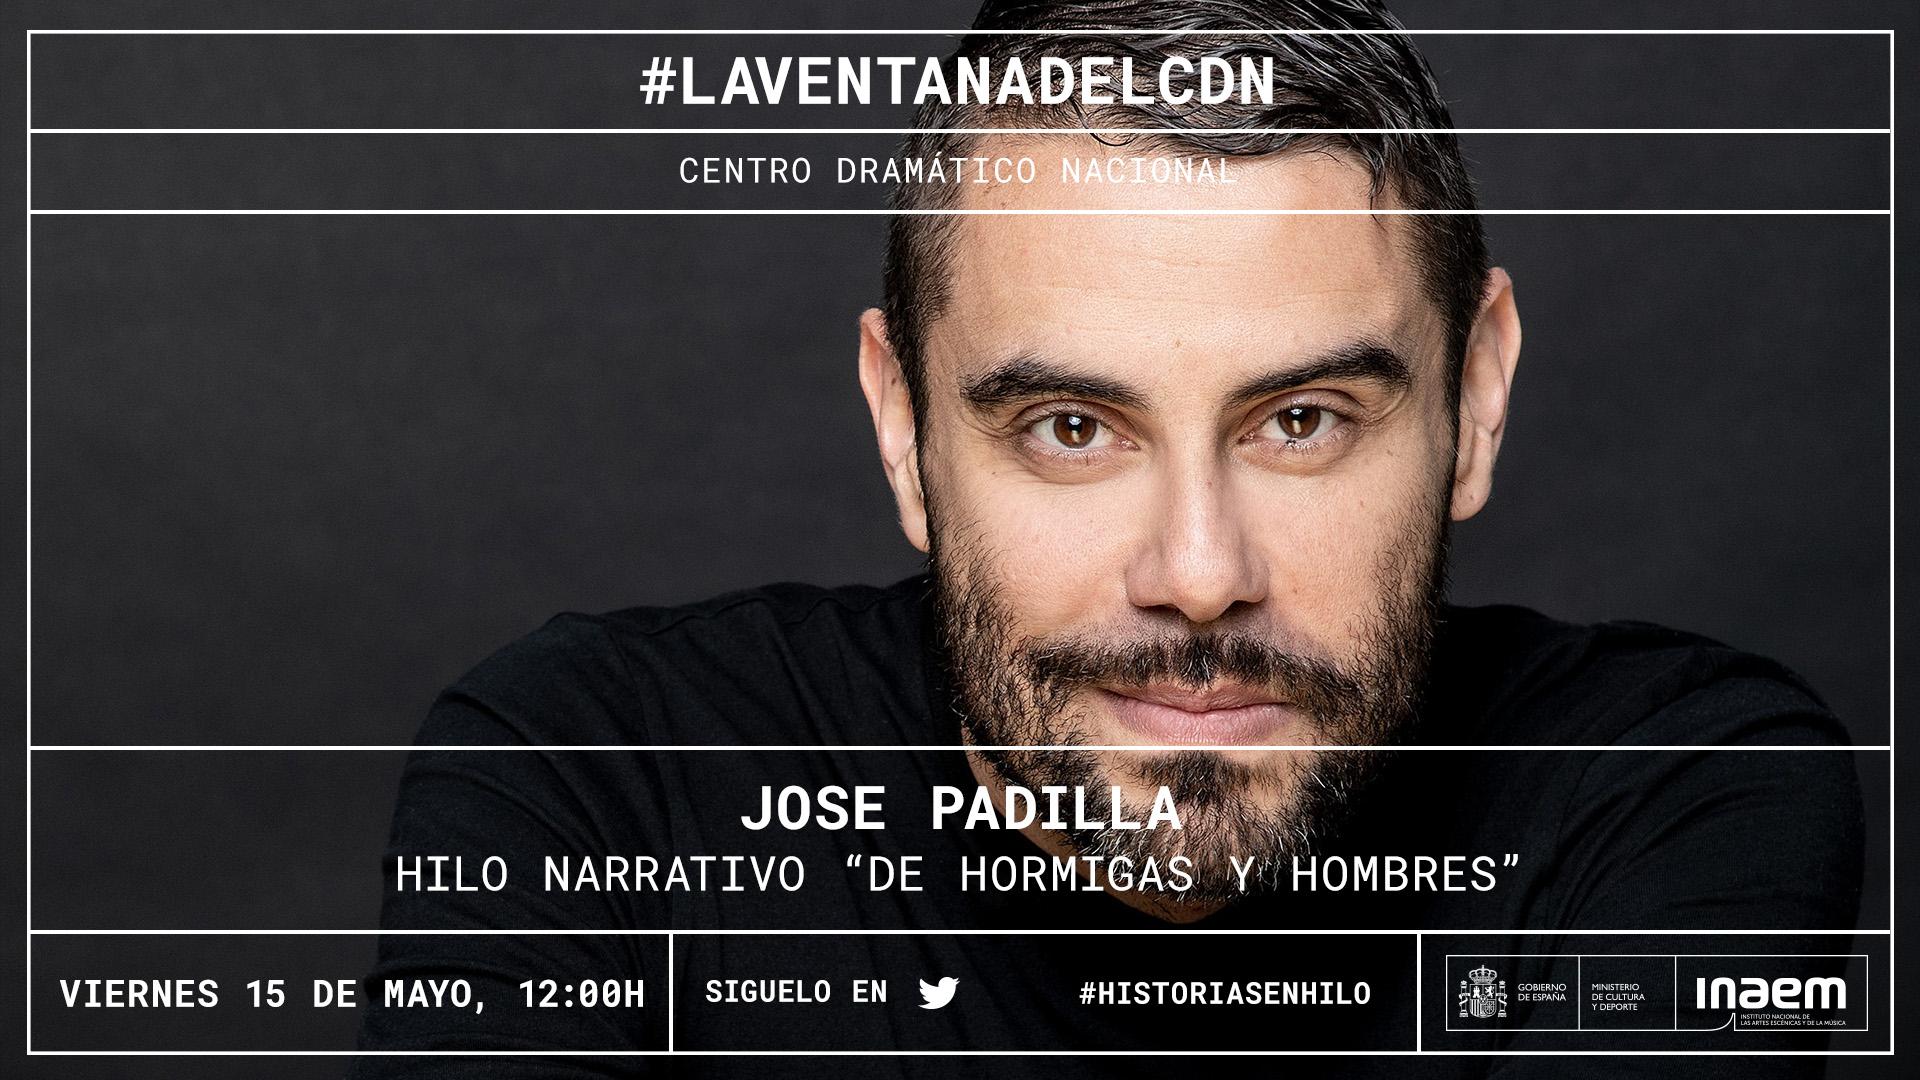 Jose Padilla teje en directo el hilo de una historia en la que podrás participar a través de Twitter